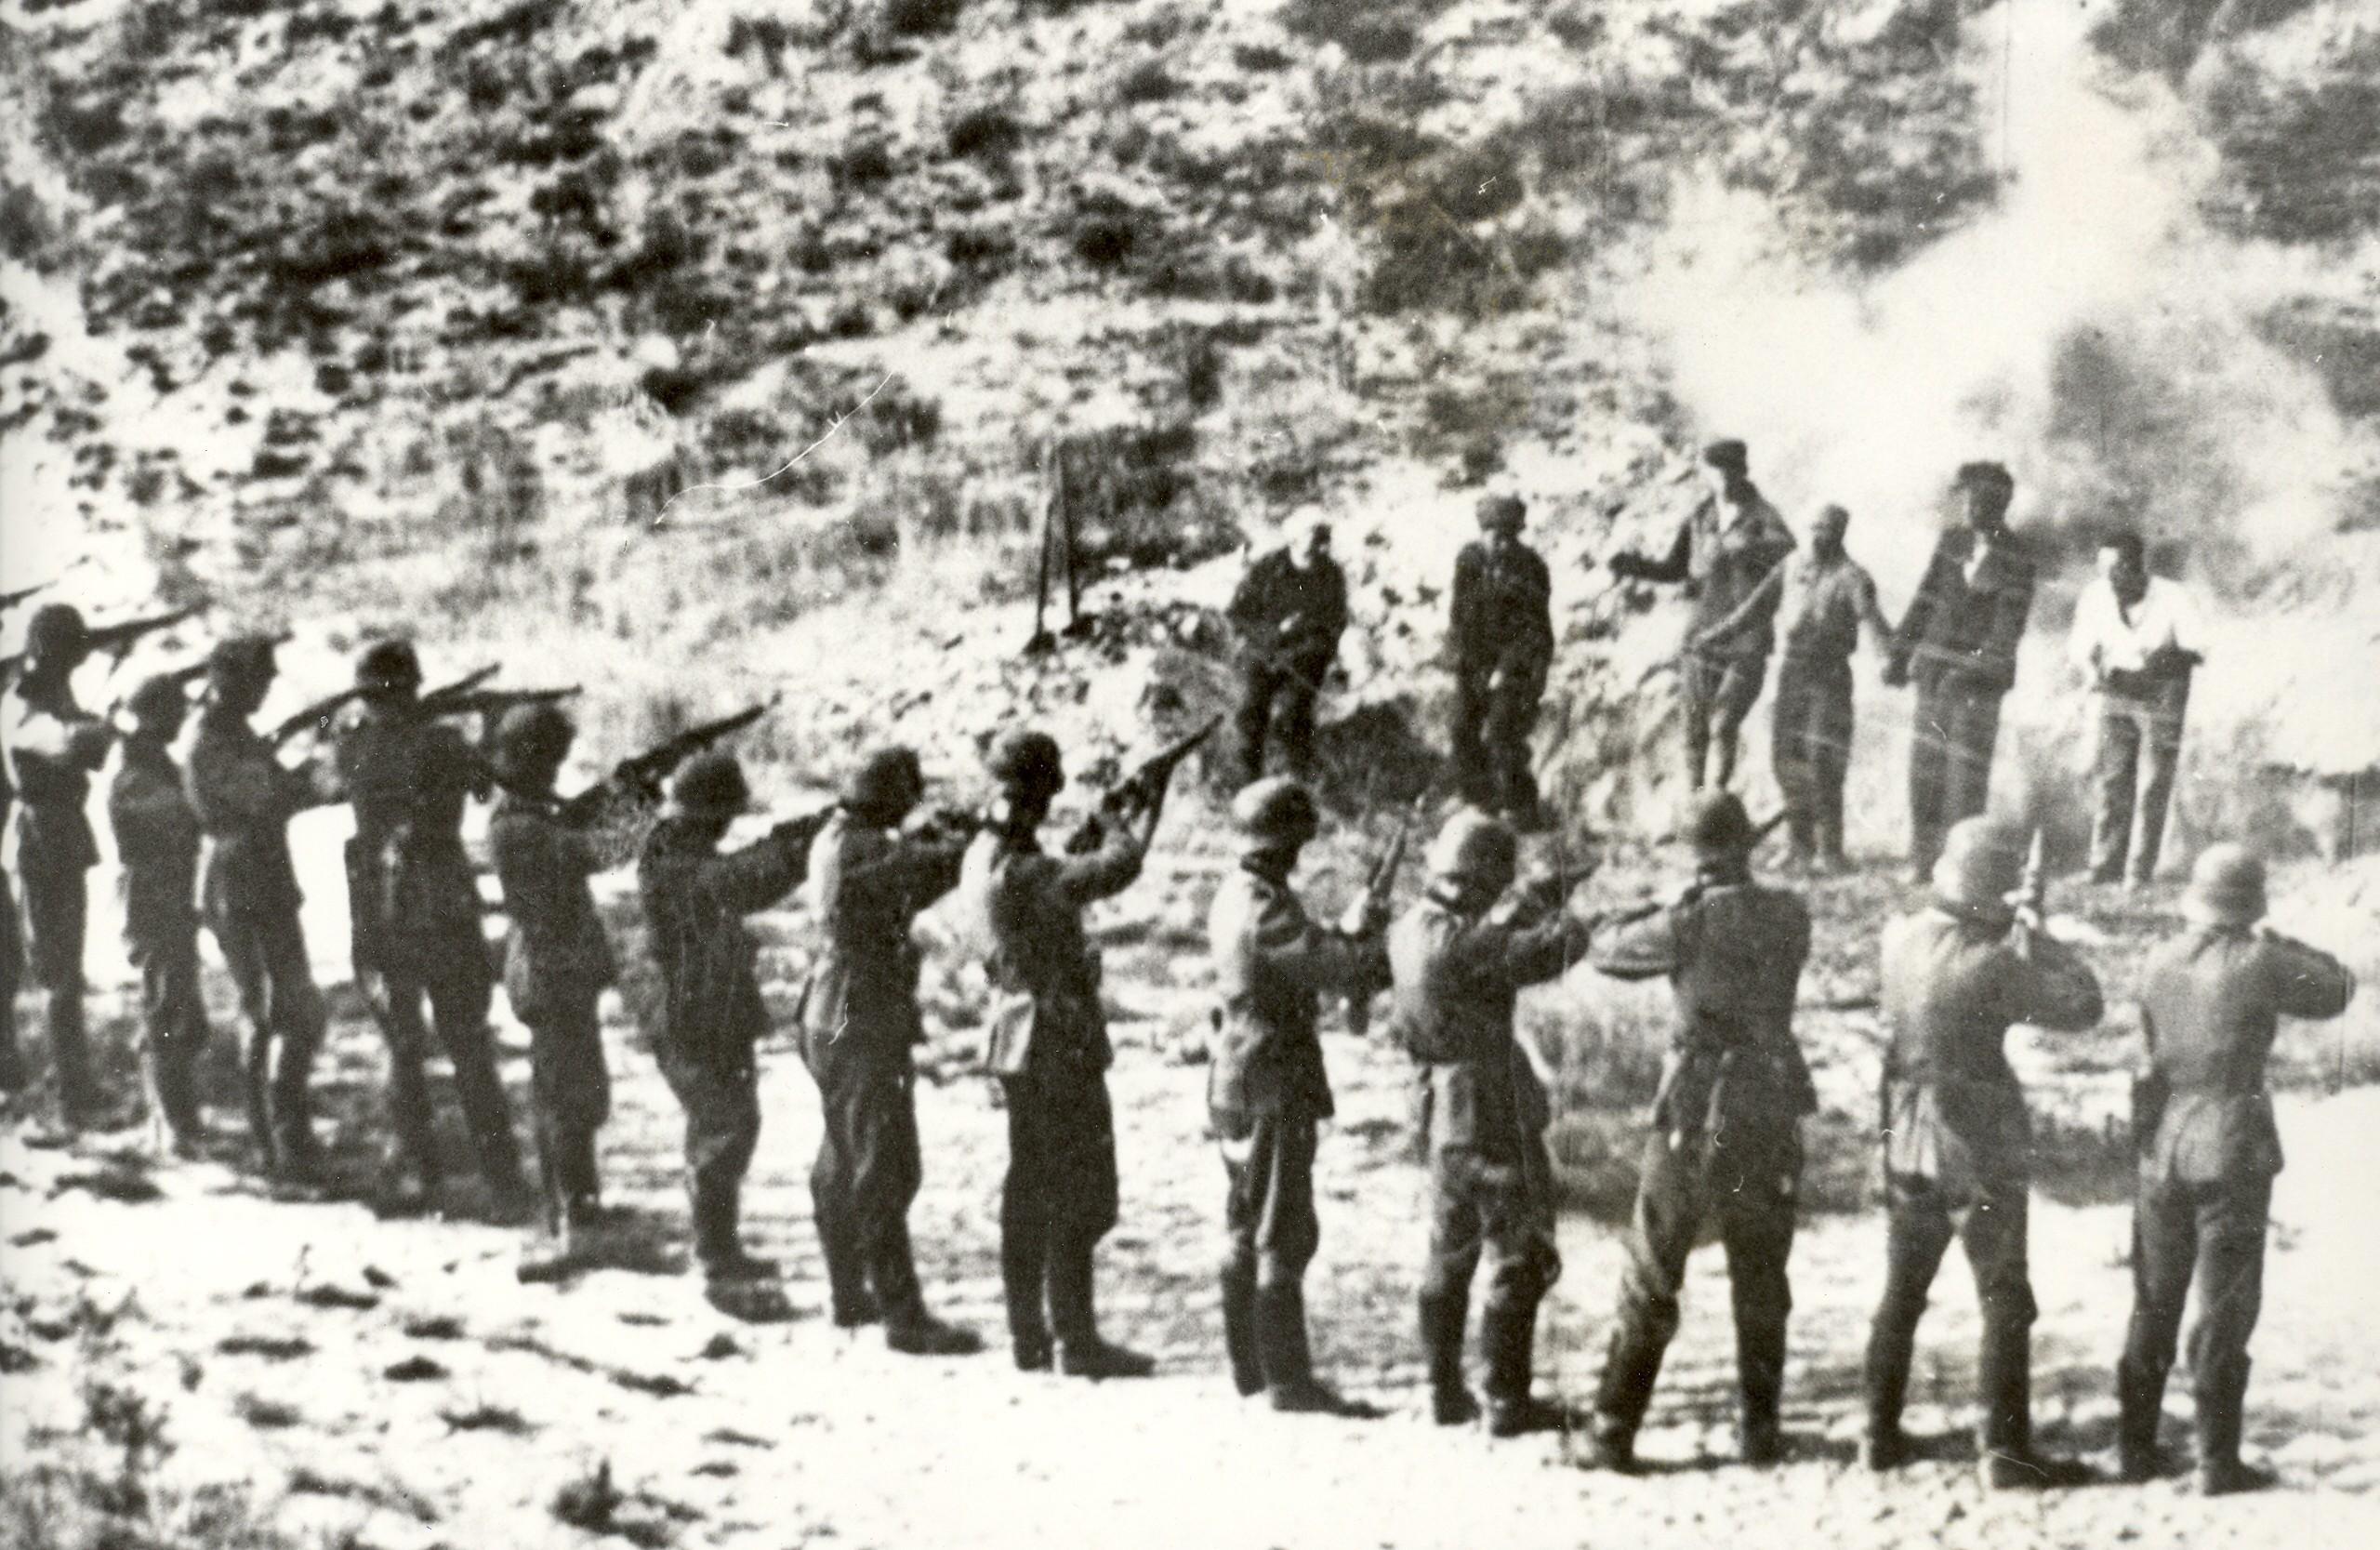 немцы расстреливают